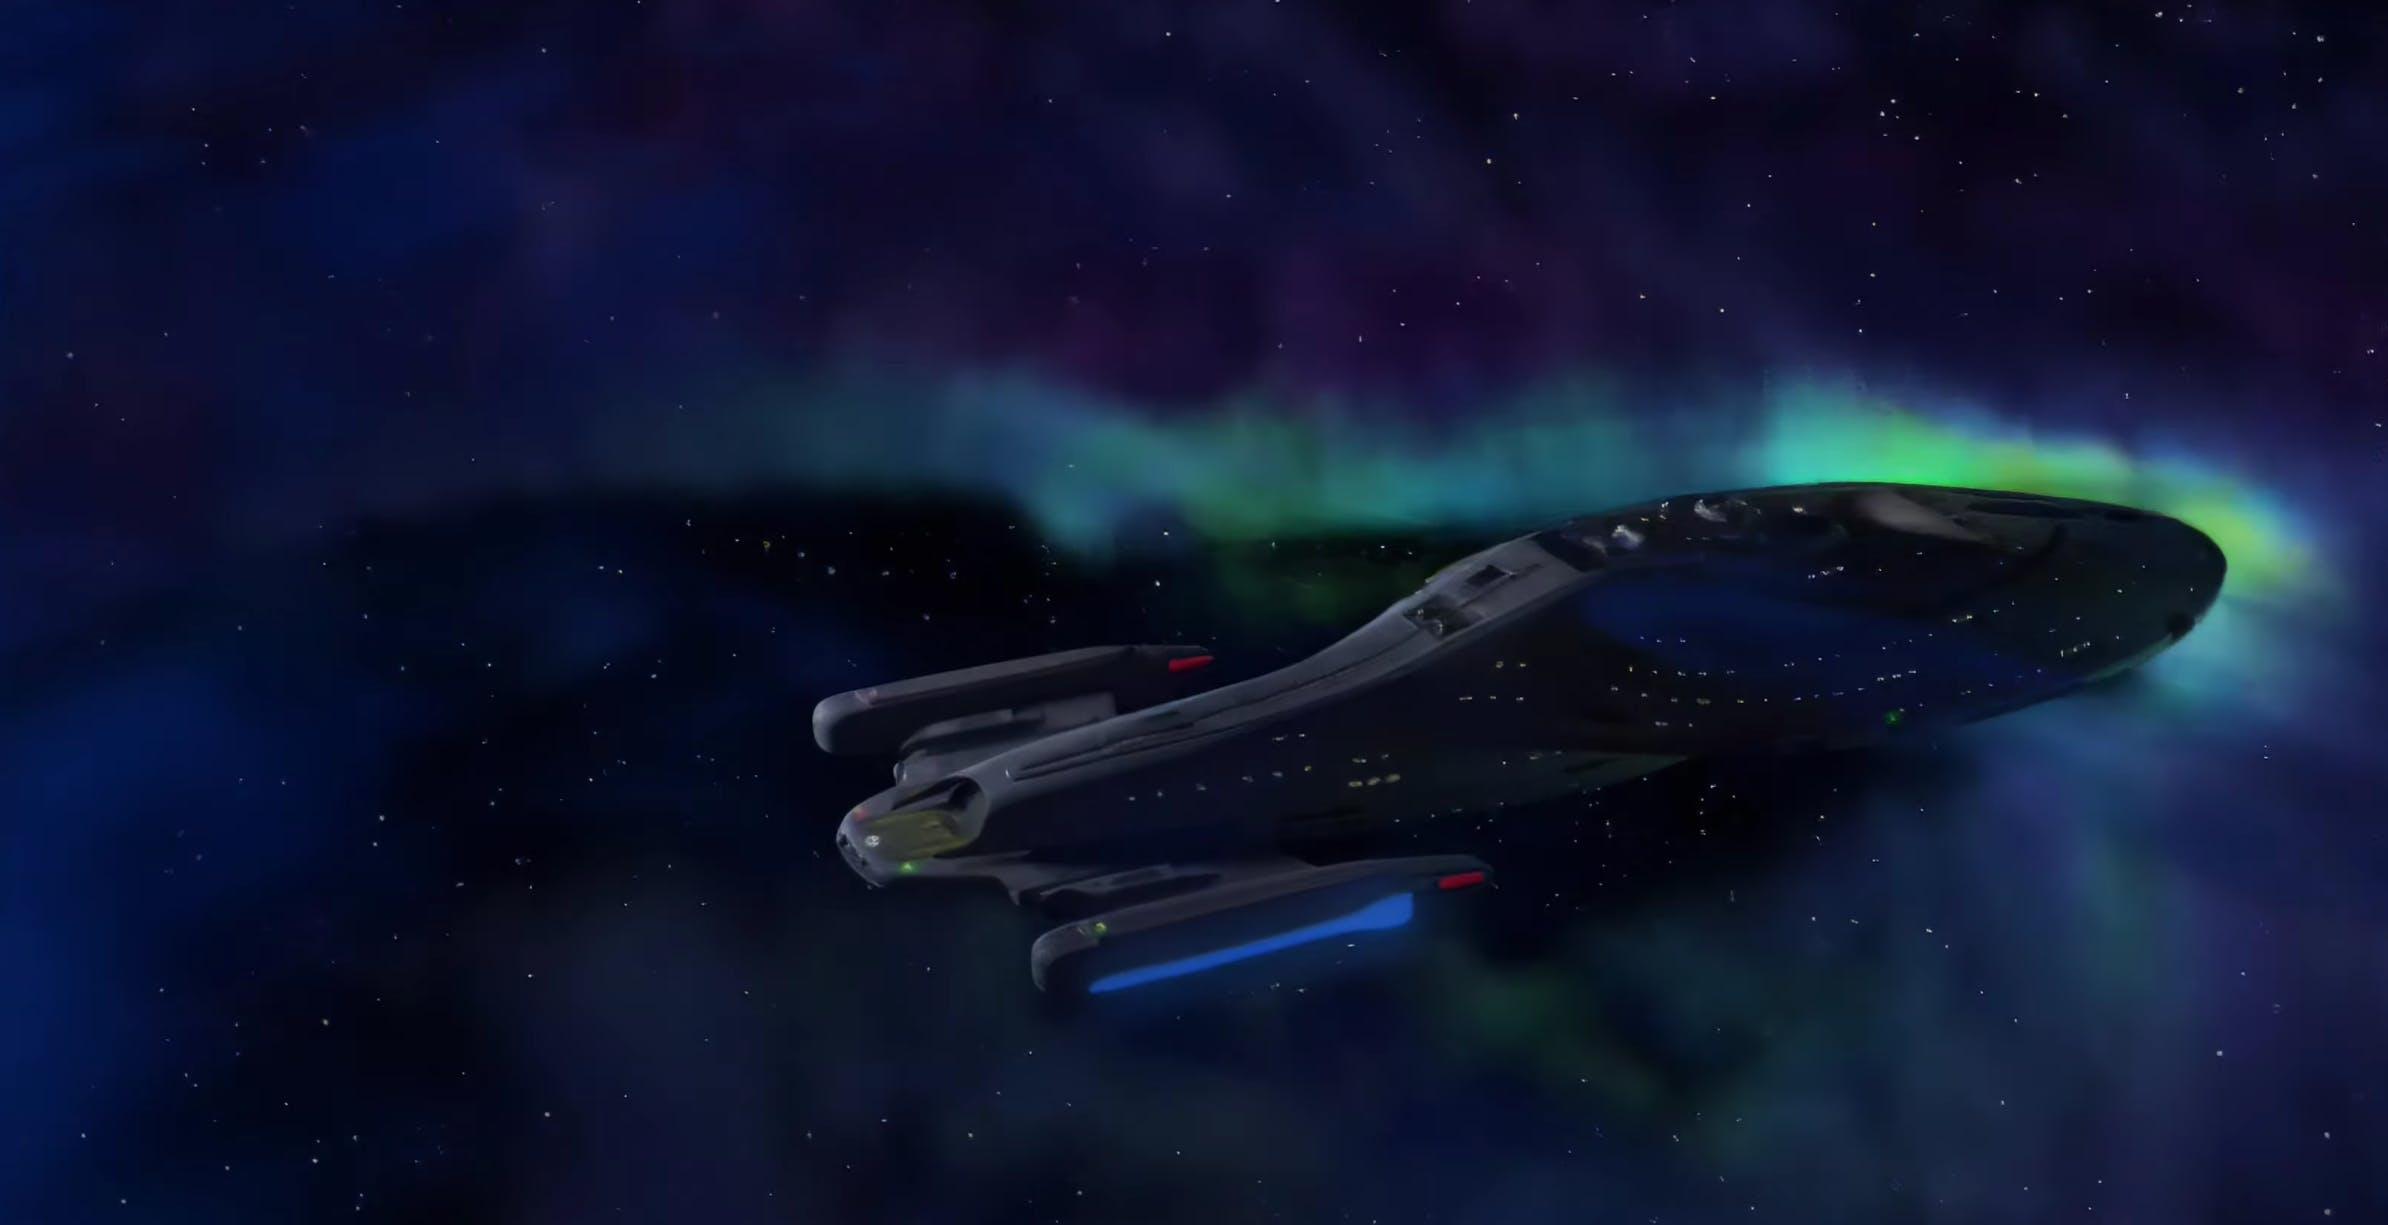 Star Trek: Voyager rinasce in 4K sul canale YouTube di un appassionato. Quanto durerà?